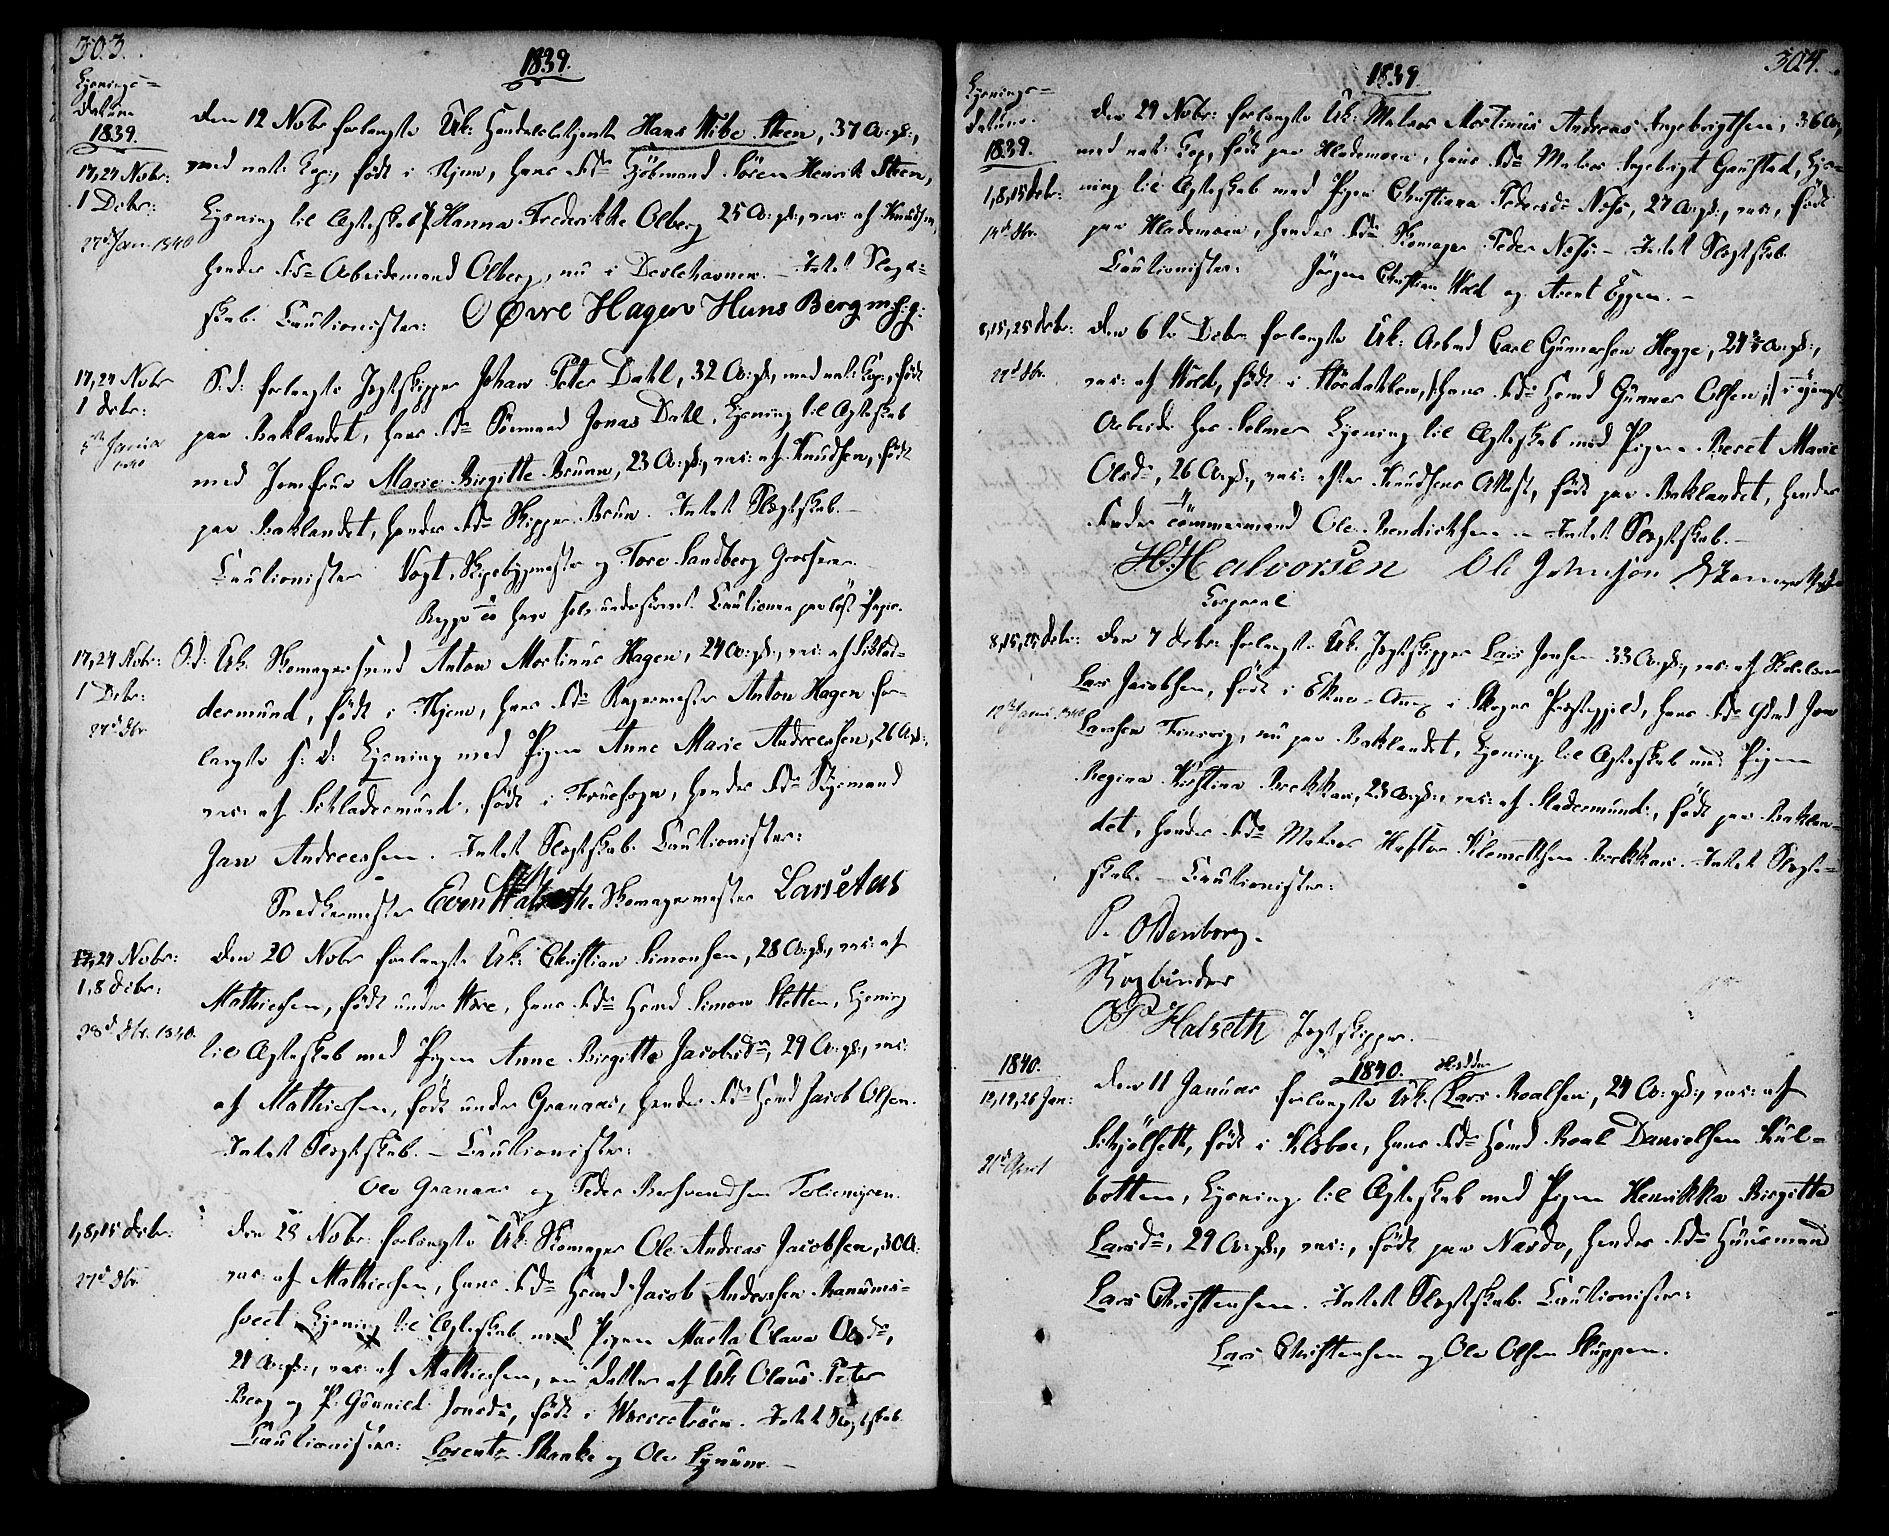 SAT, Ministerialprotokoller, klokkerbøker og fødselsregistre - Sør-Trøndelag, 604/L0181: Ministerialbok nr. 604A02, 1798-1817, s. 303-304